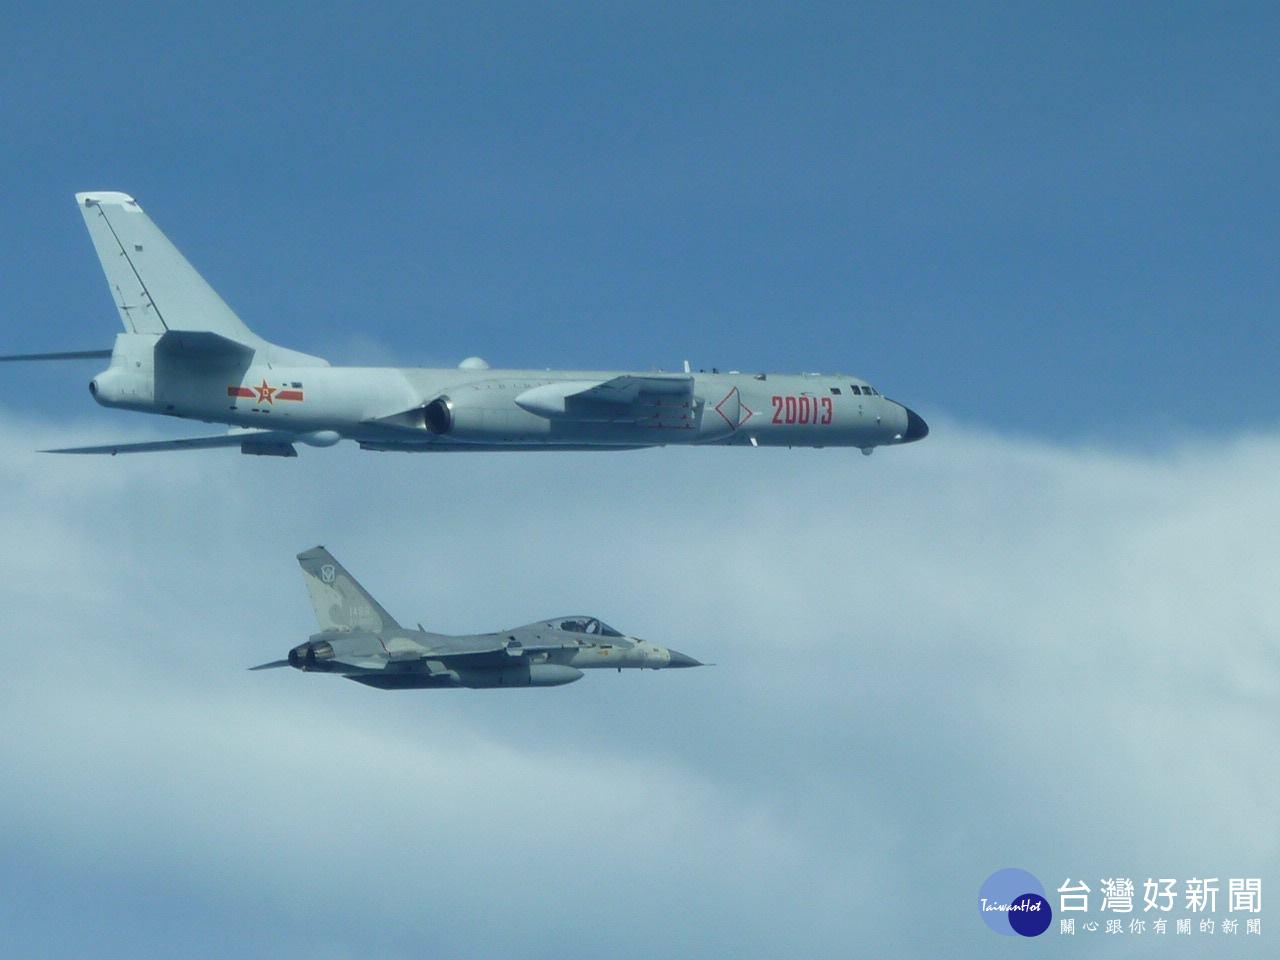 中國又派轟六、運八軍機繞台一圈 我公布IDF戰機伴飛監控照